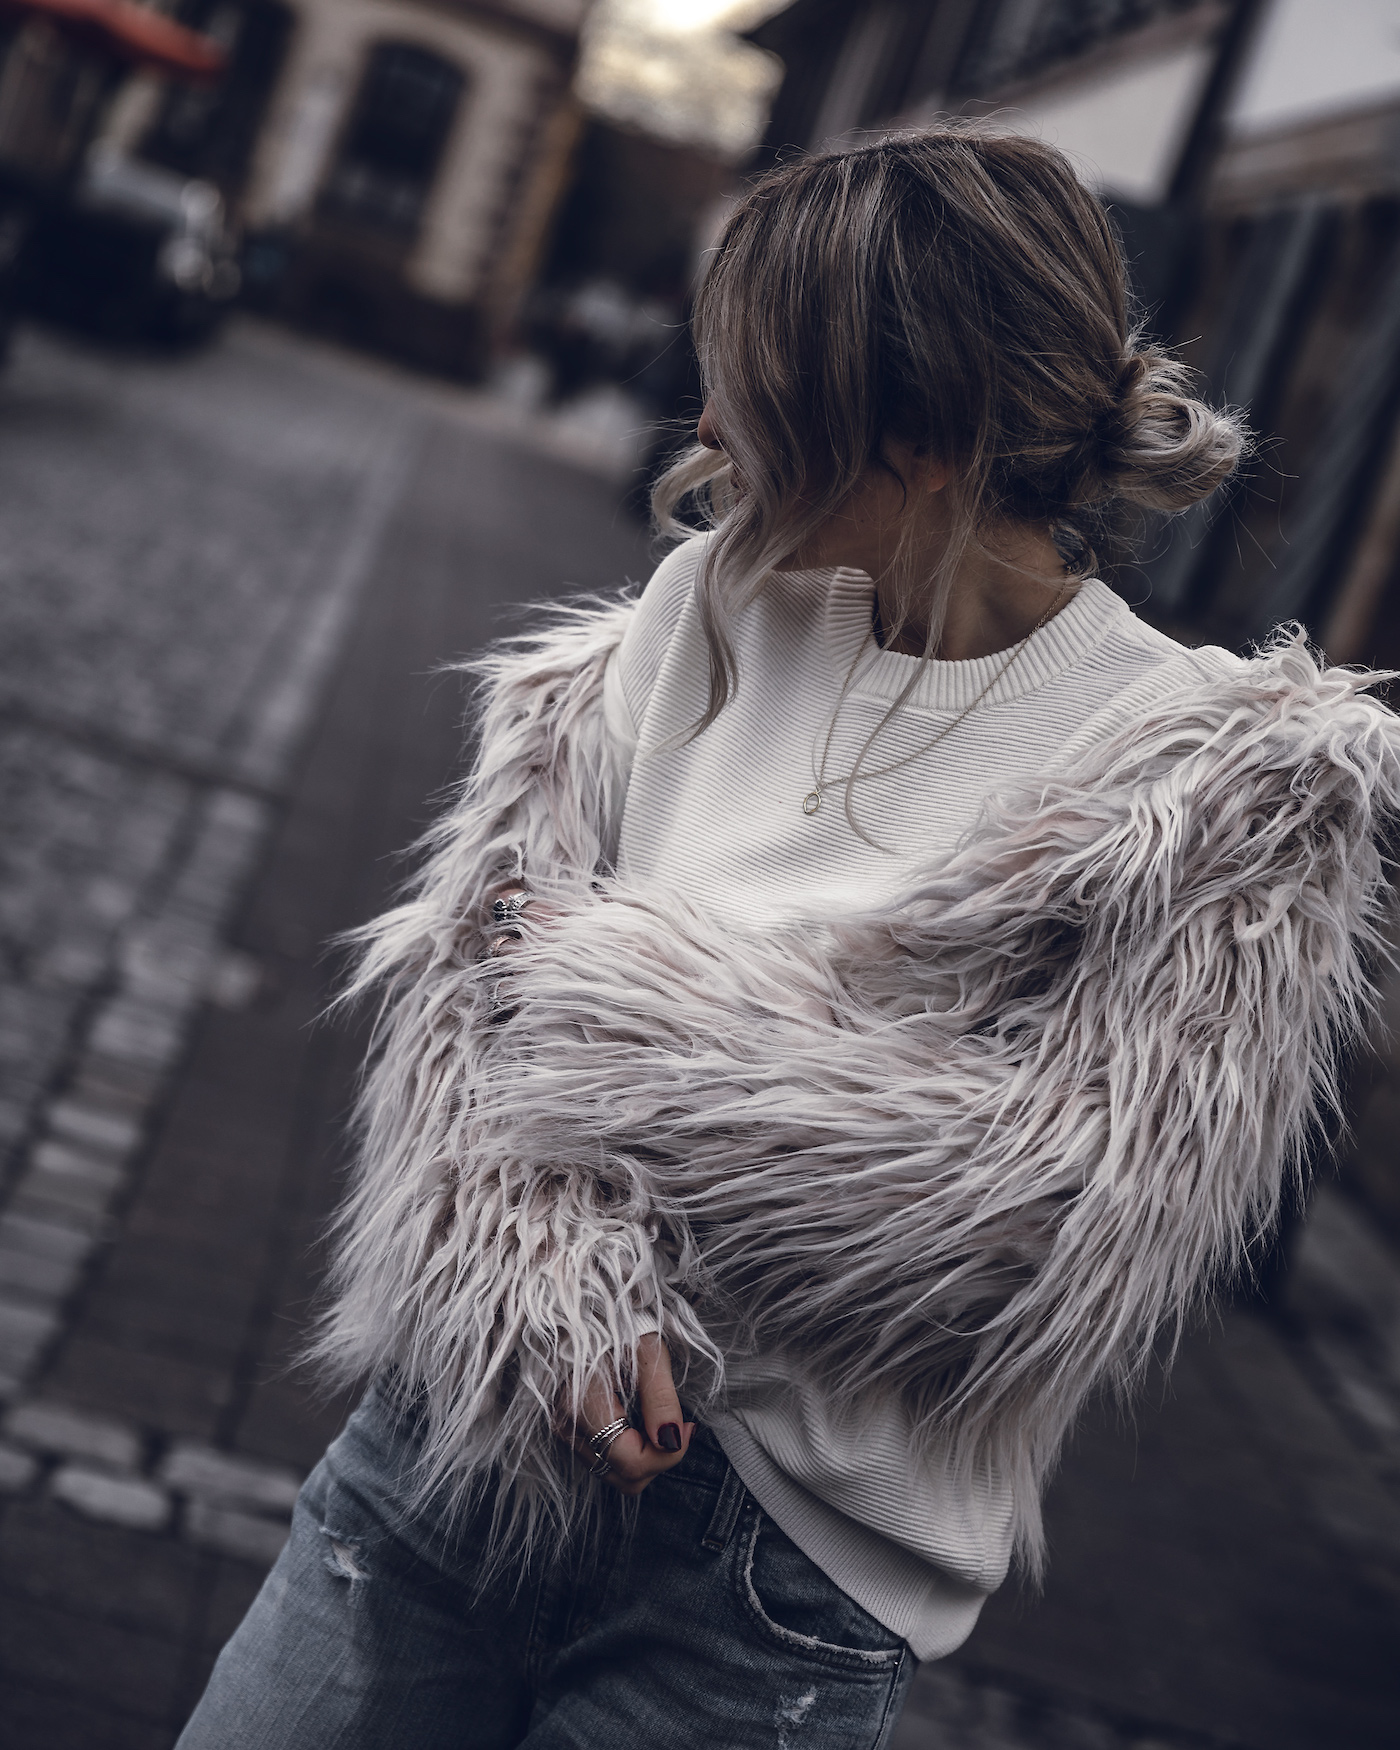 Best Secret Einladung erhalten - Want Get Repeat Mode Blog Erlangen Nürnberg